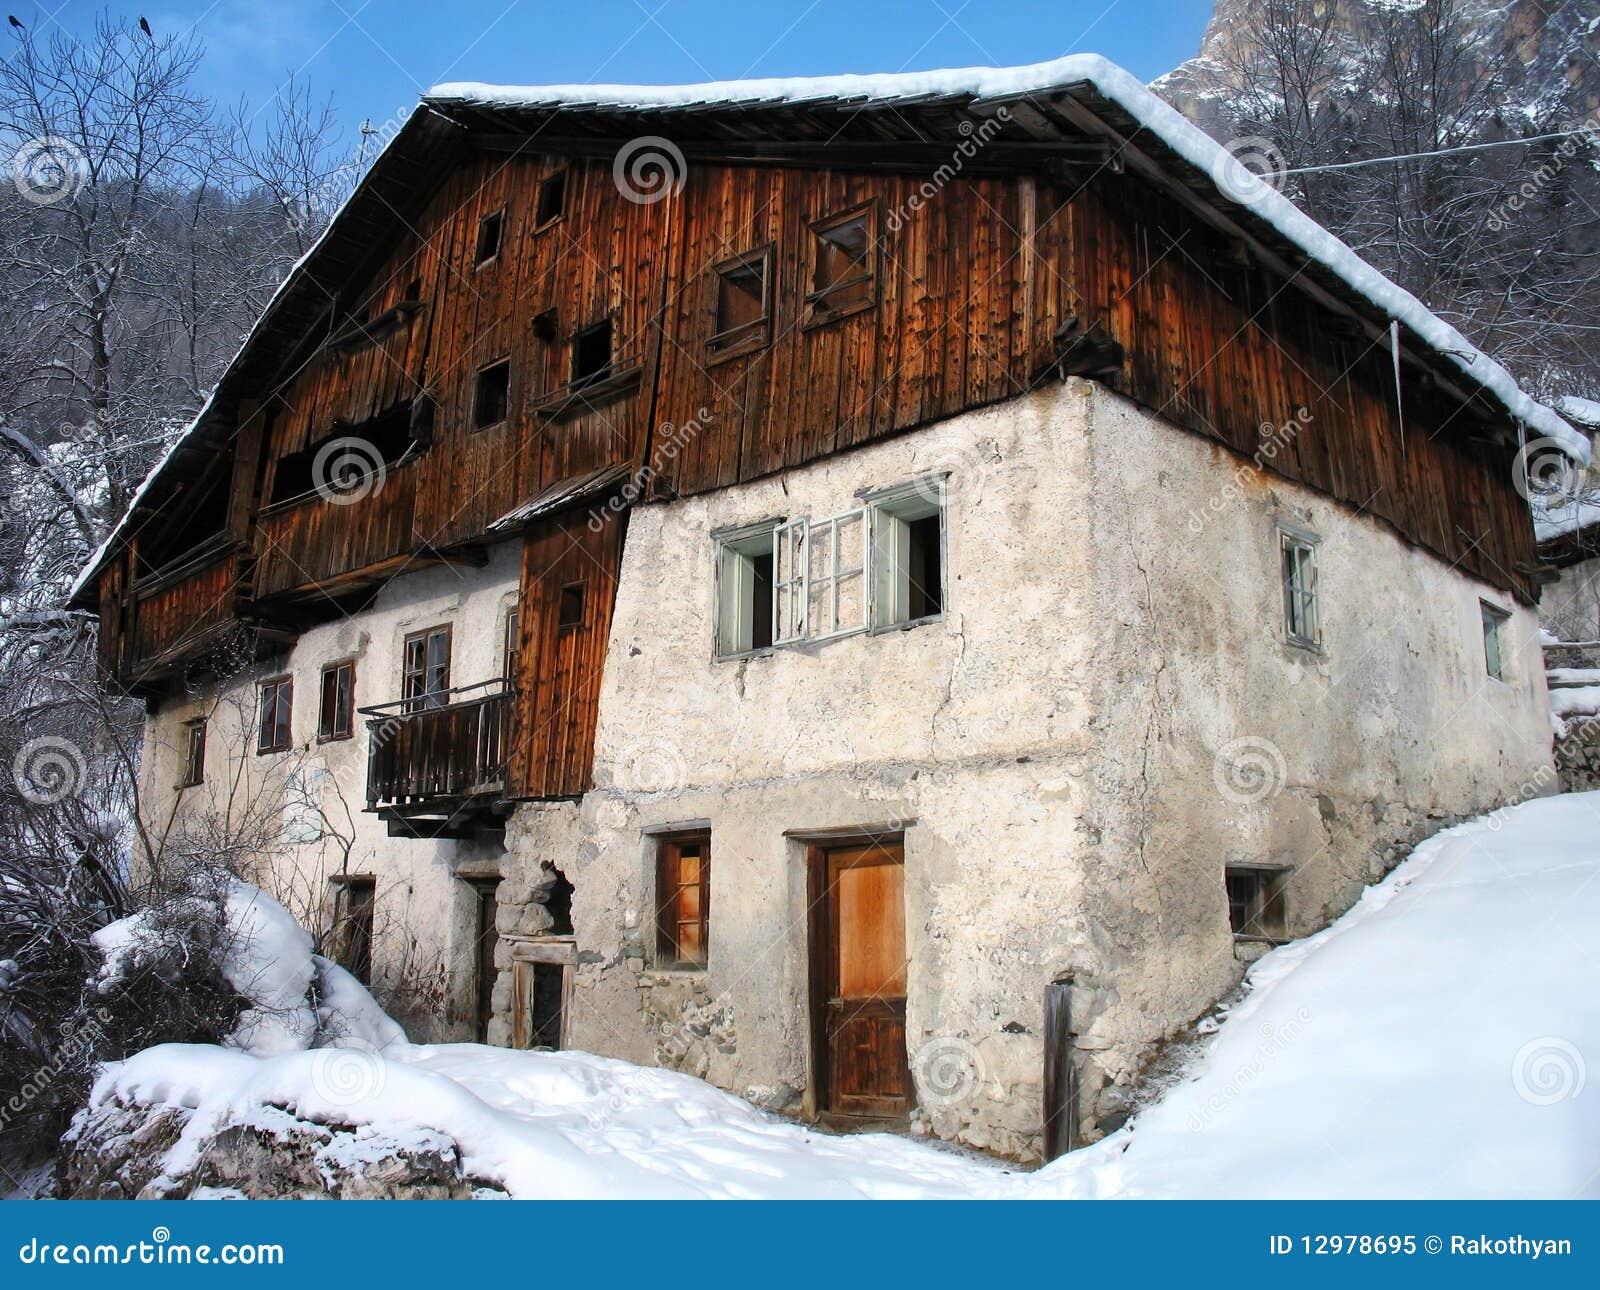 Verlaten huis in sneeuw royalty vrije stock foto afbeelding 12978695 - Foto huis in l ...